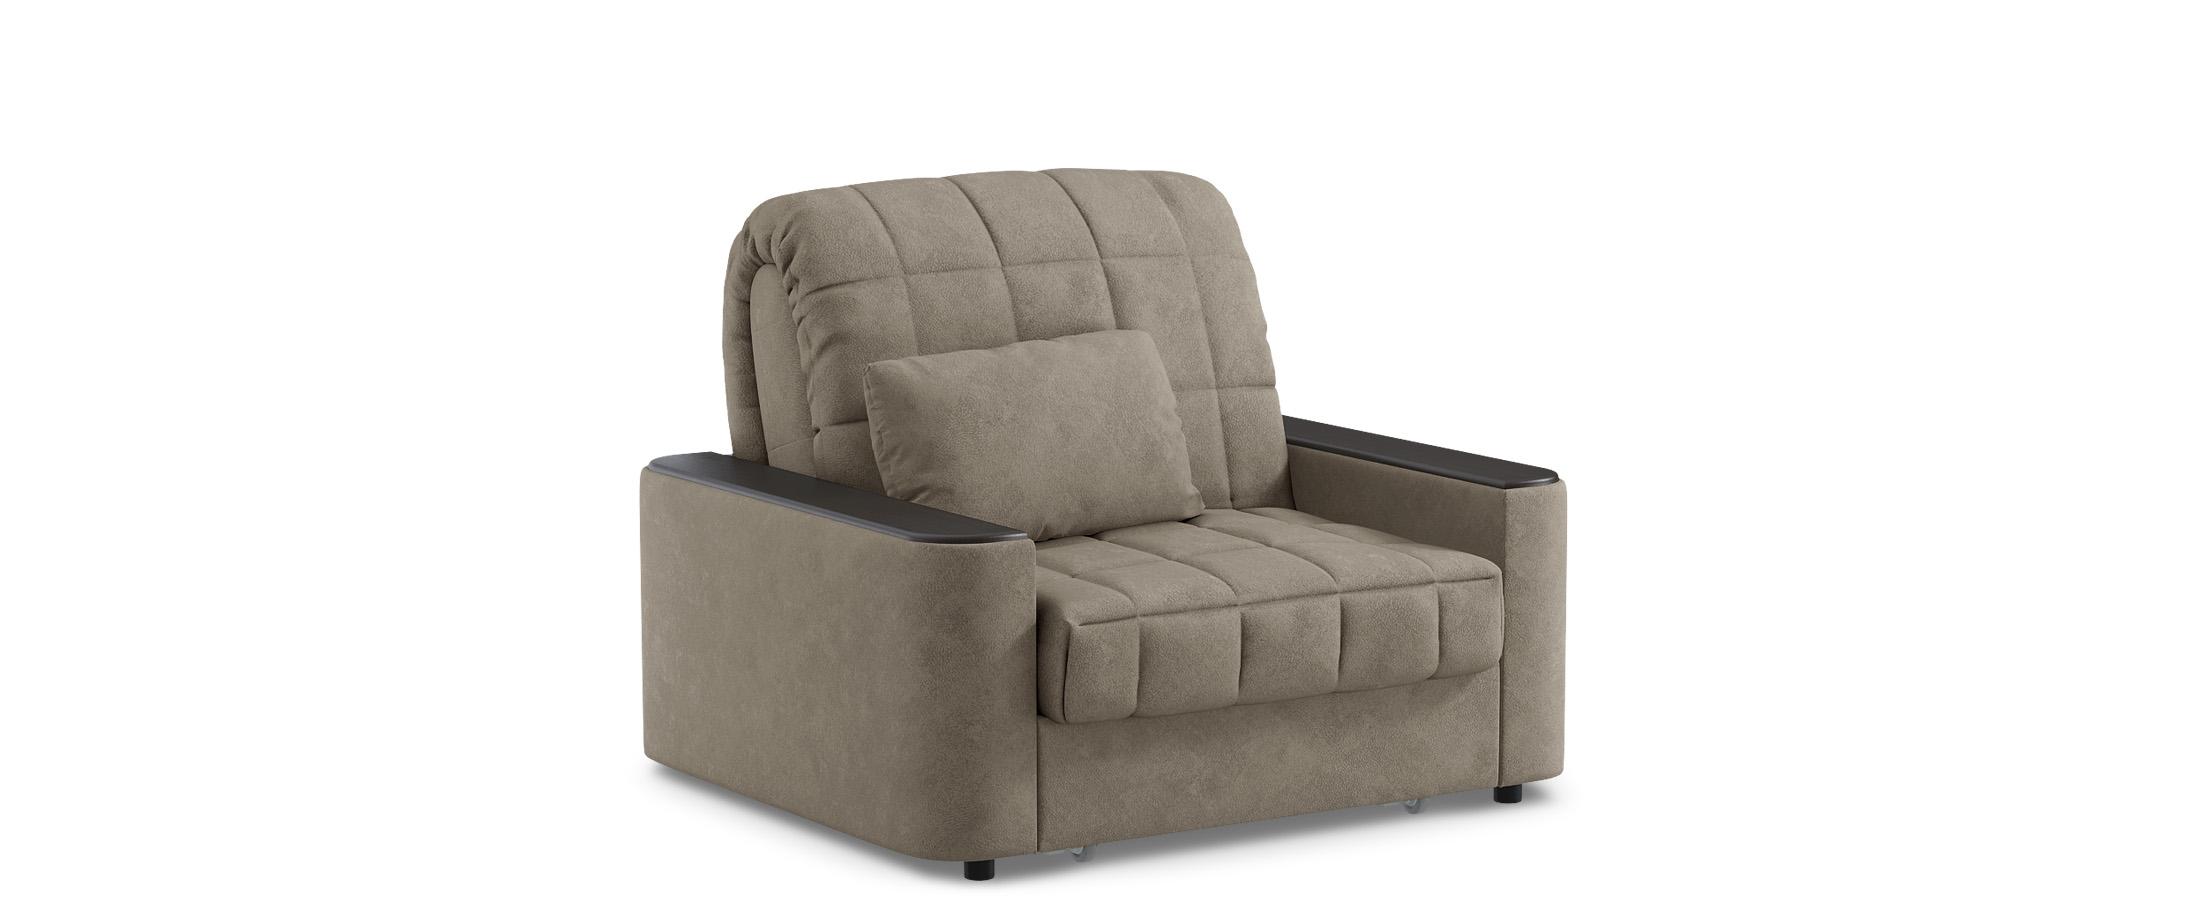 Кресло-кровать Даллас 018Кресло-кровать Даллас 018. Артикул 001795<br>